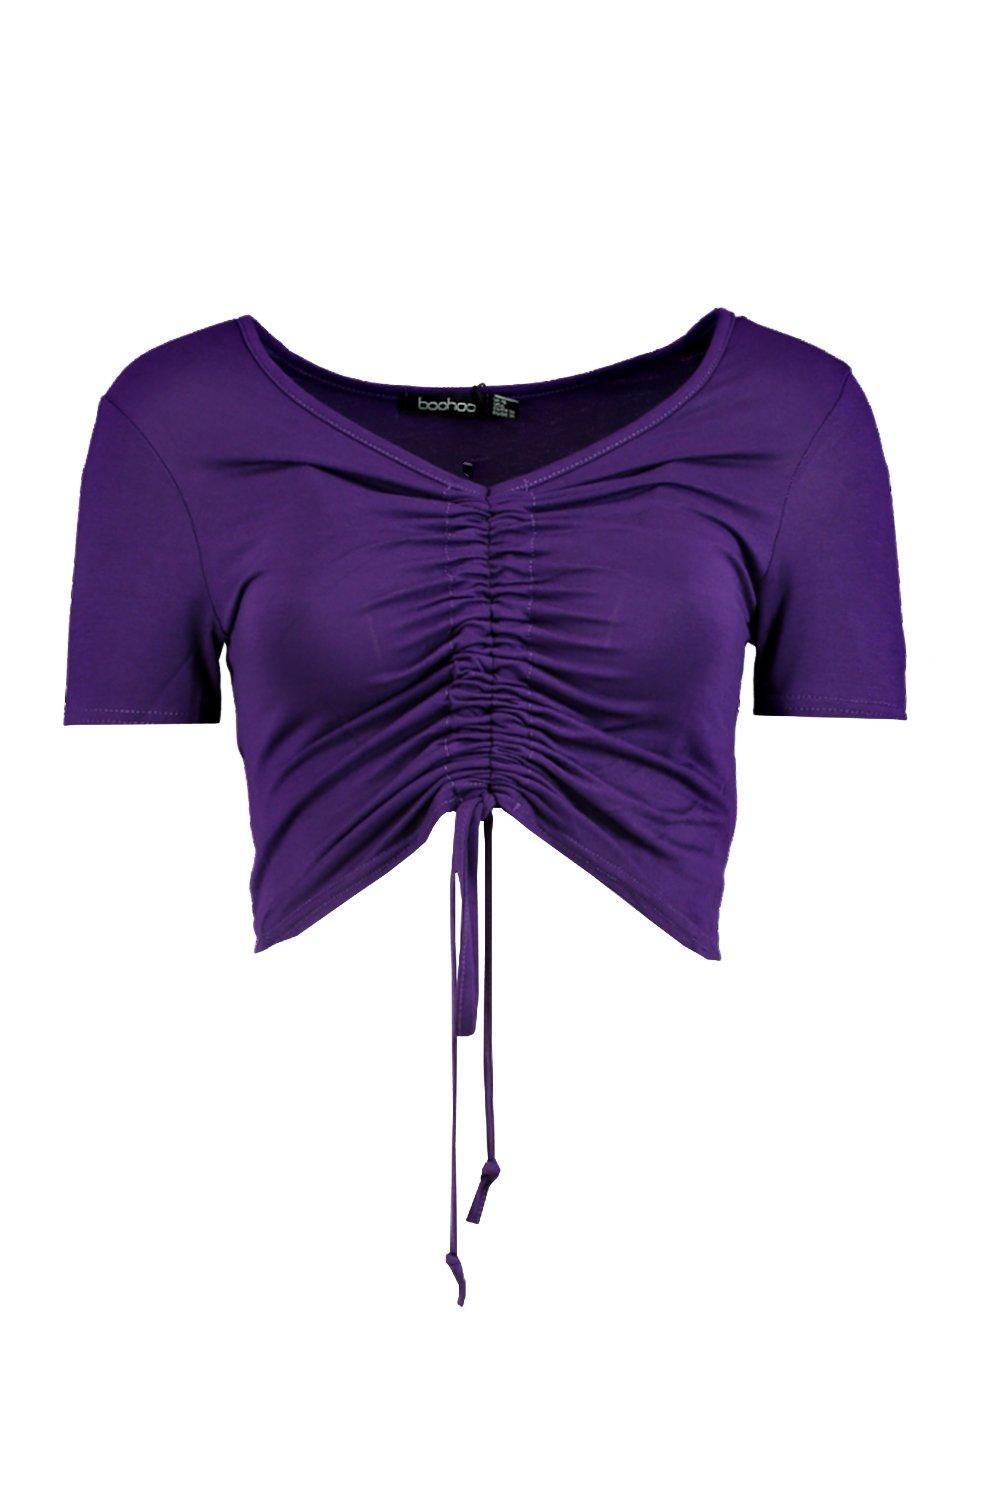 Boohoo-camiseta-fruncida-por-delante-freya-para-Mujer